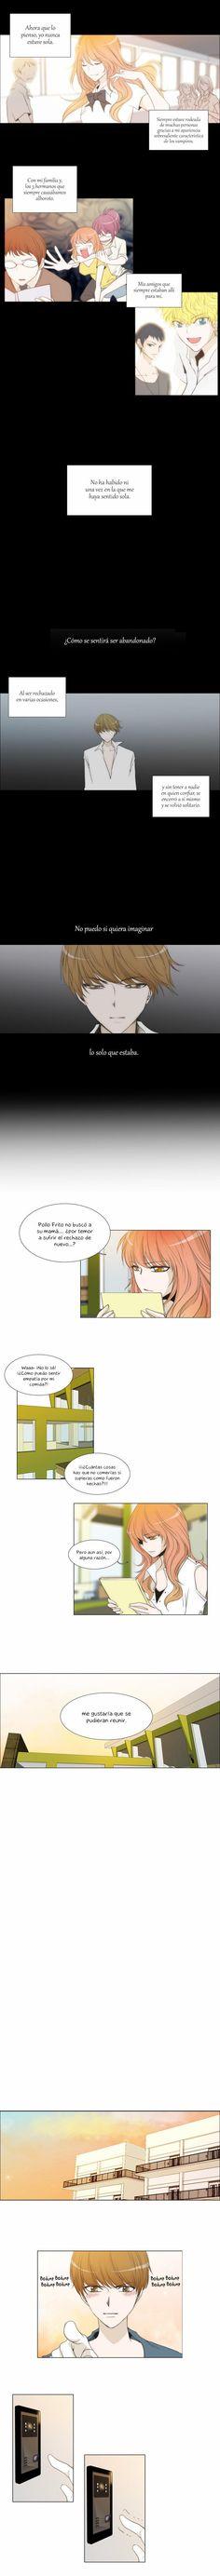 unTOUCHable Capítulo 26 página 1 (Cargar imágenes: 10) - Leer Manga en Español gratis en NineManga.com